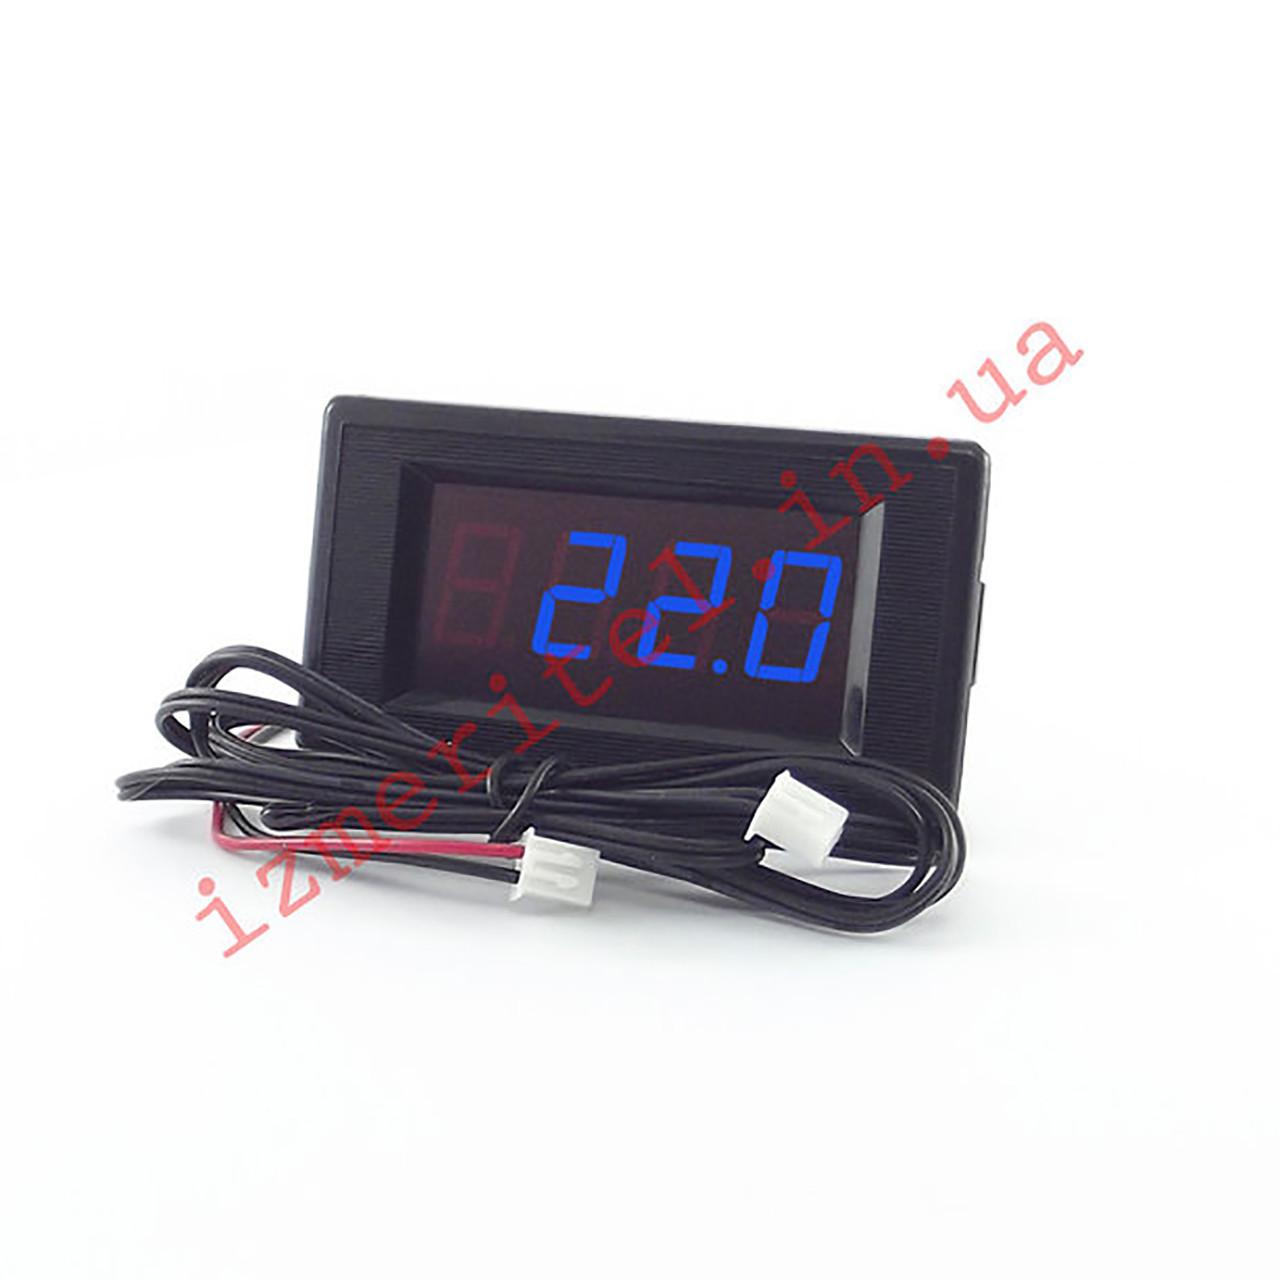 Цифровой термометр с выносным датчиком XH-B305 со звуковой сигнализацией